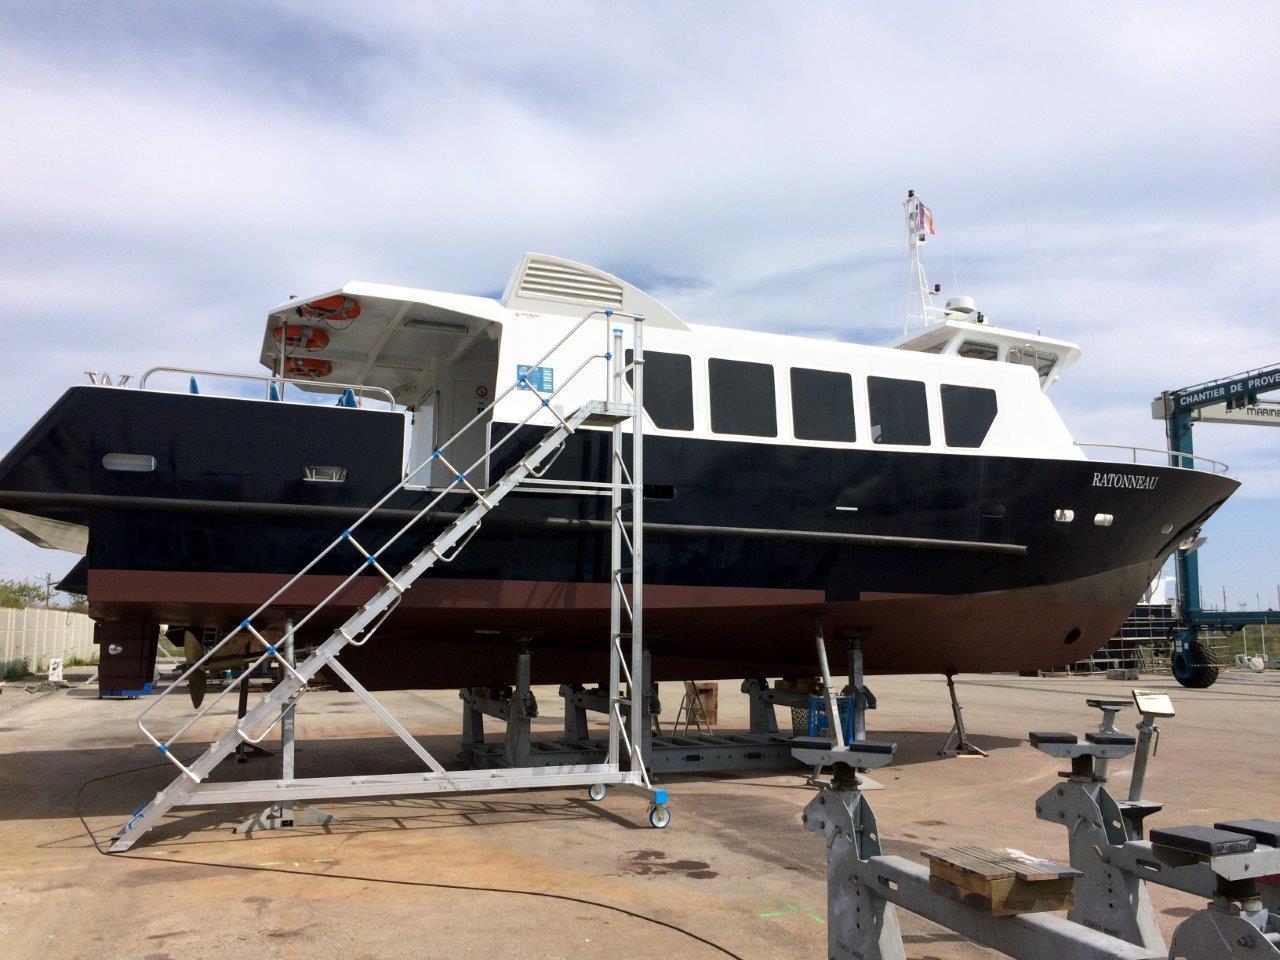 Rénovation bateau | Port de bouc